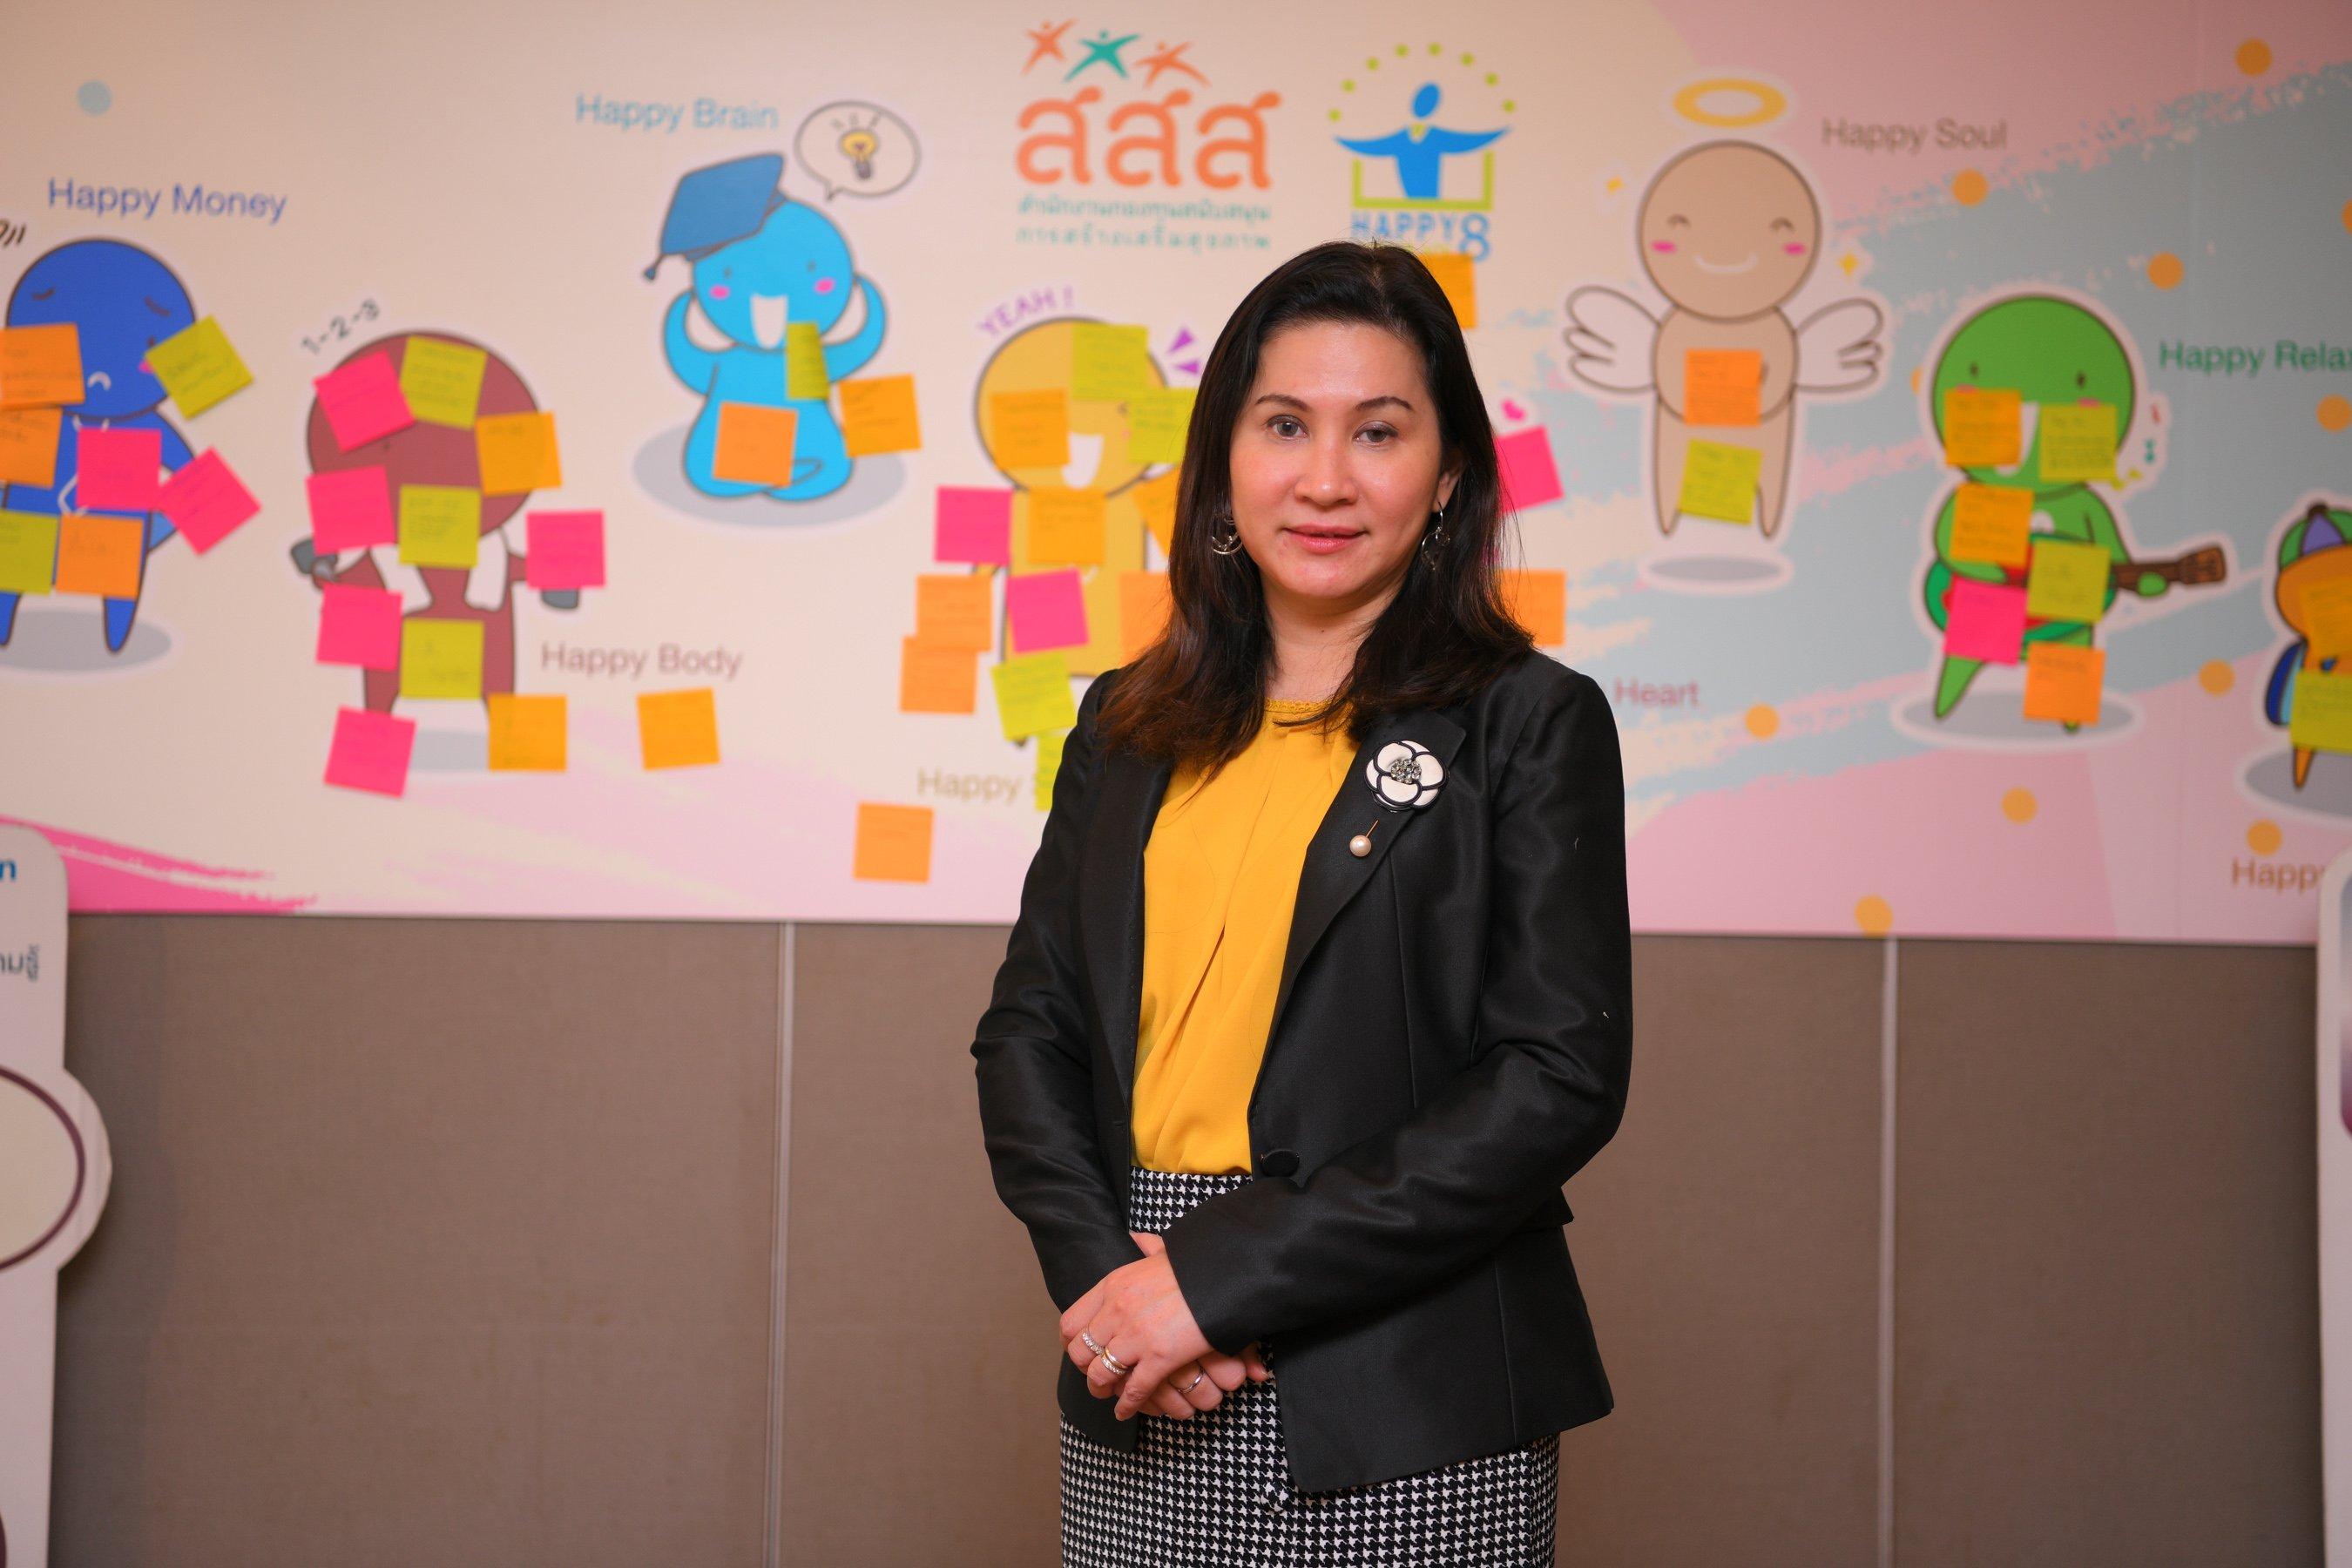 สสส.ดัน 10 แพ็กเกจ เสริมสุขภาพวัยทำงาน thaihealth